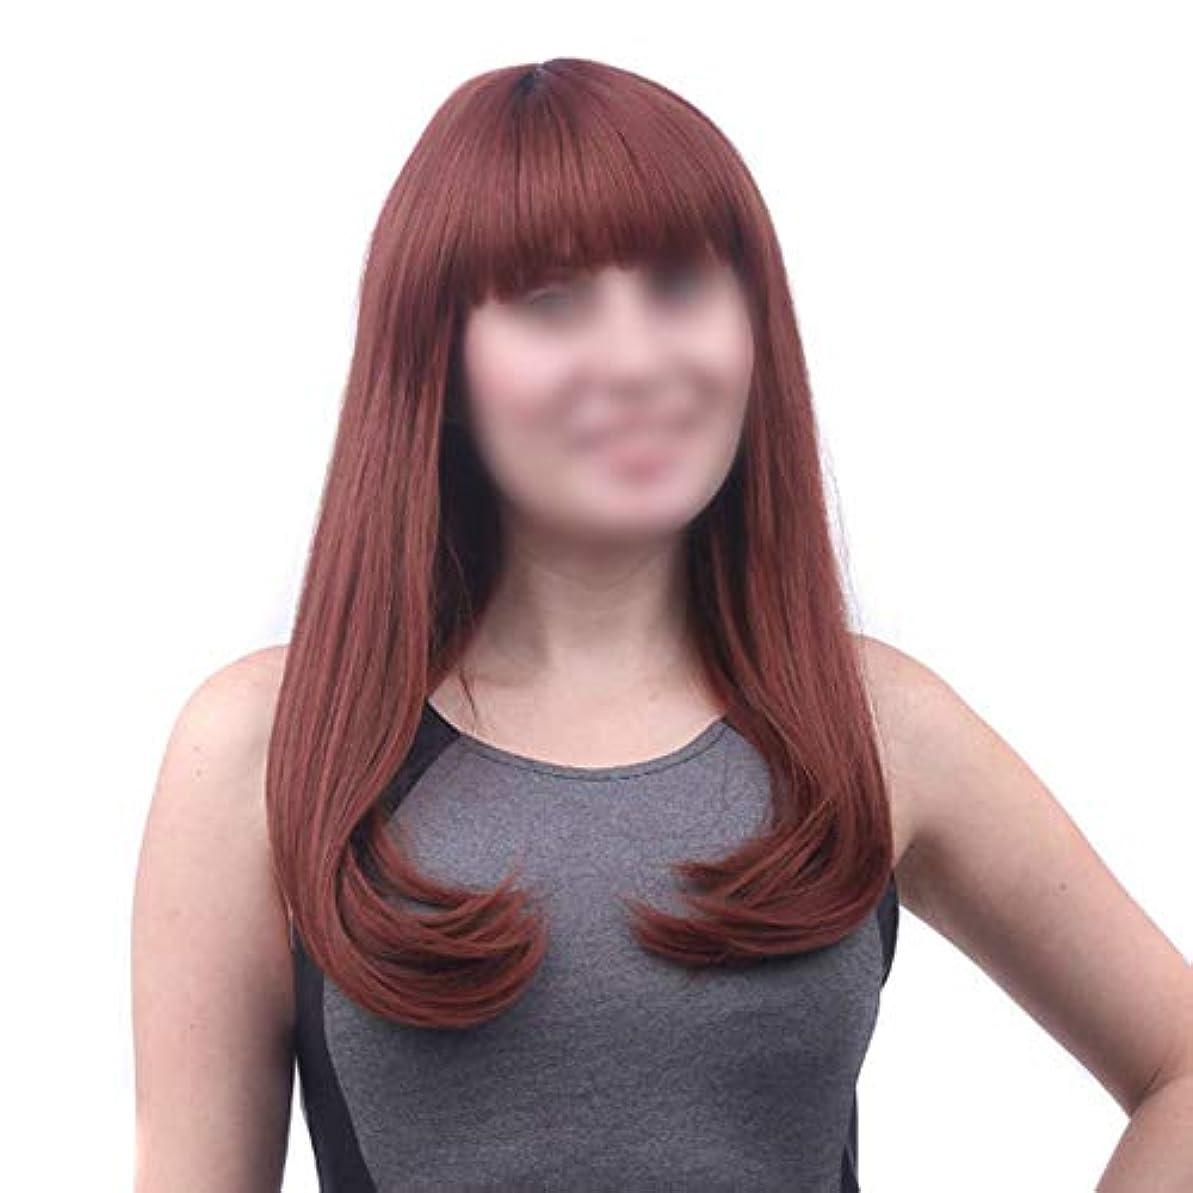 取る数学皿WASAIO 髪型付き合成かつらロングシルキーストレートナチュラルルックアクセサリースタイル交換用ウィッグ女性用、コスプレ衣装 (色 : ブラウン, サイズ : 55cm)